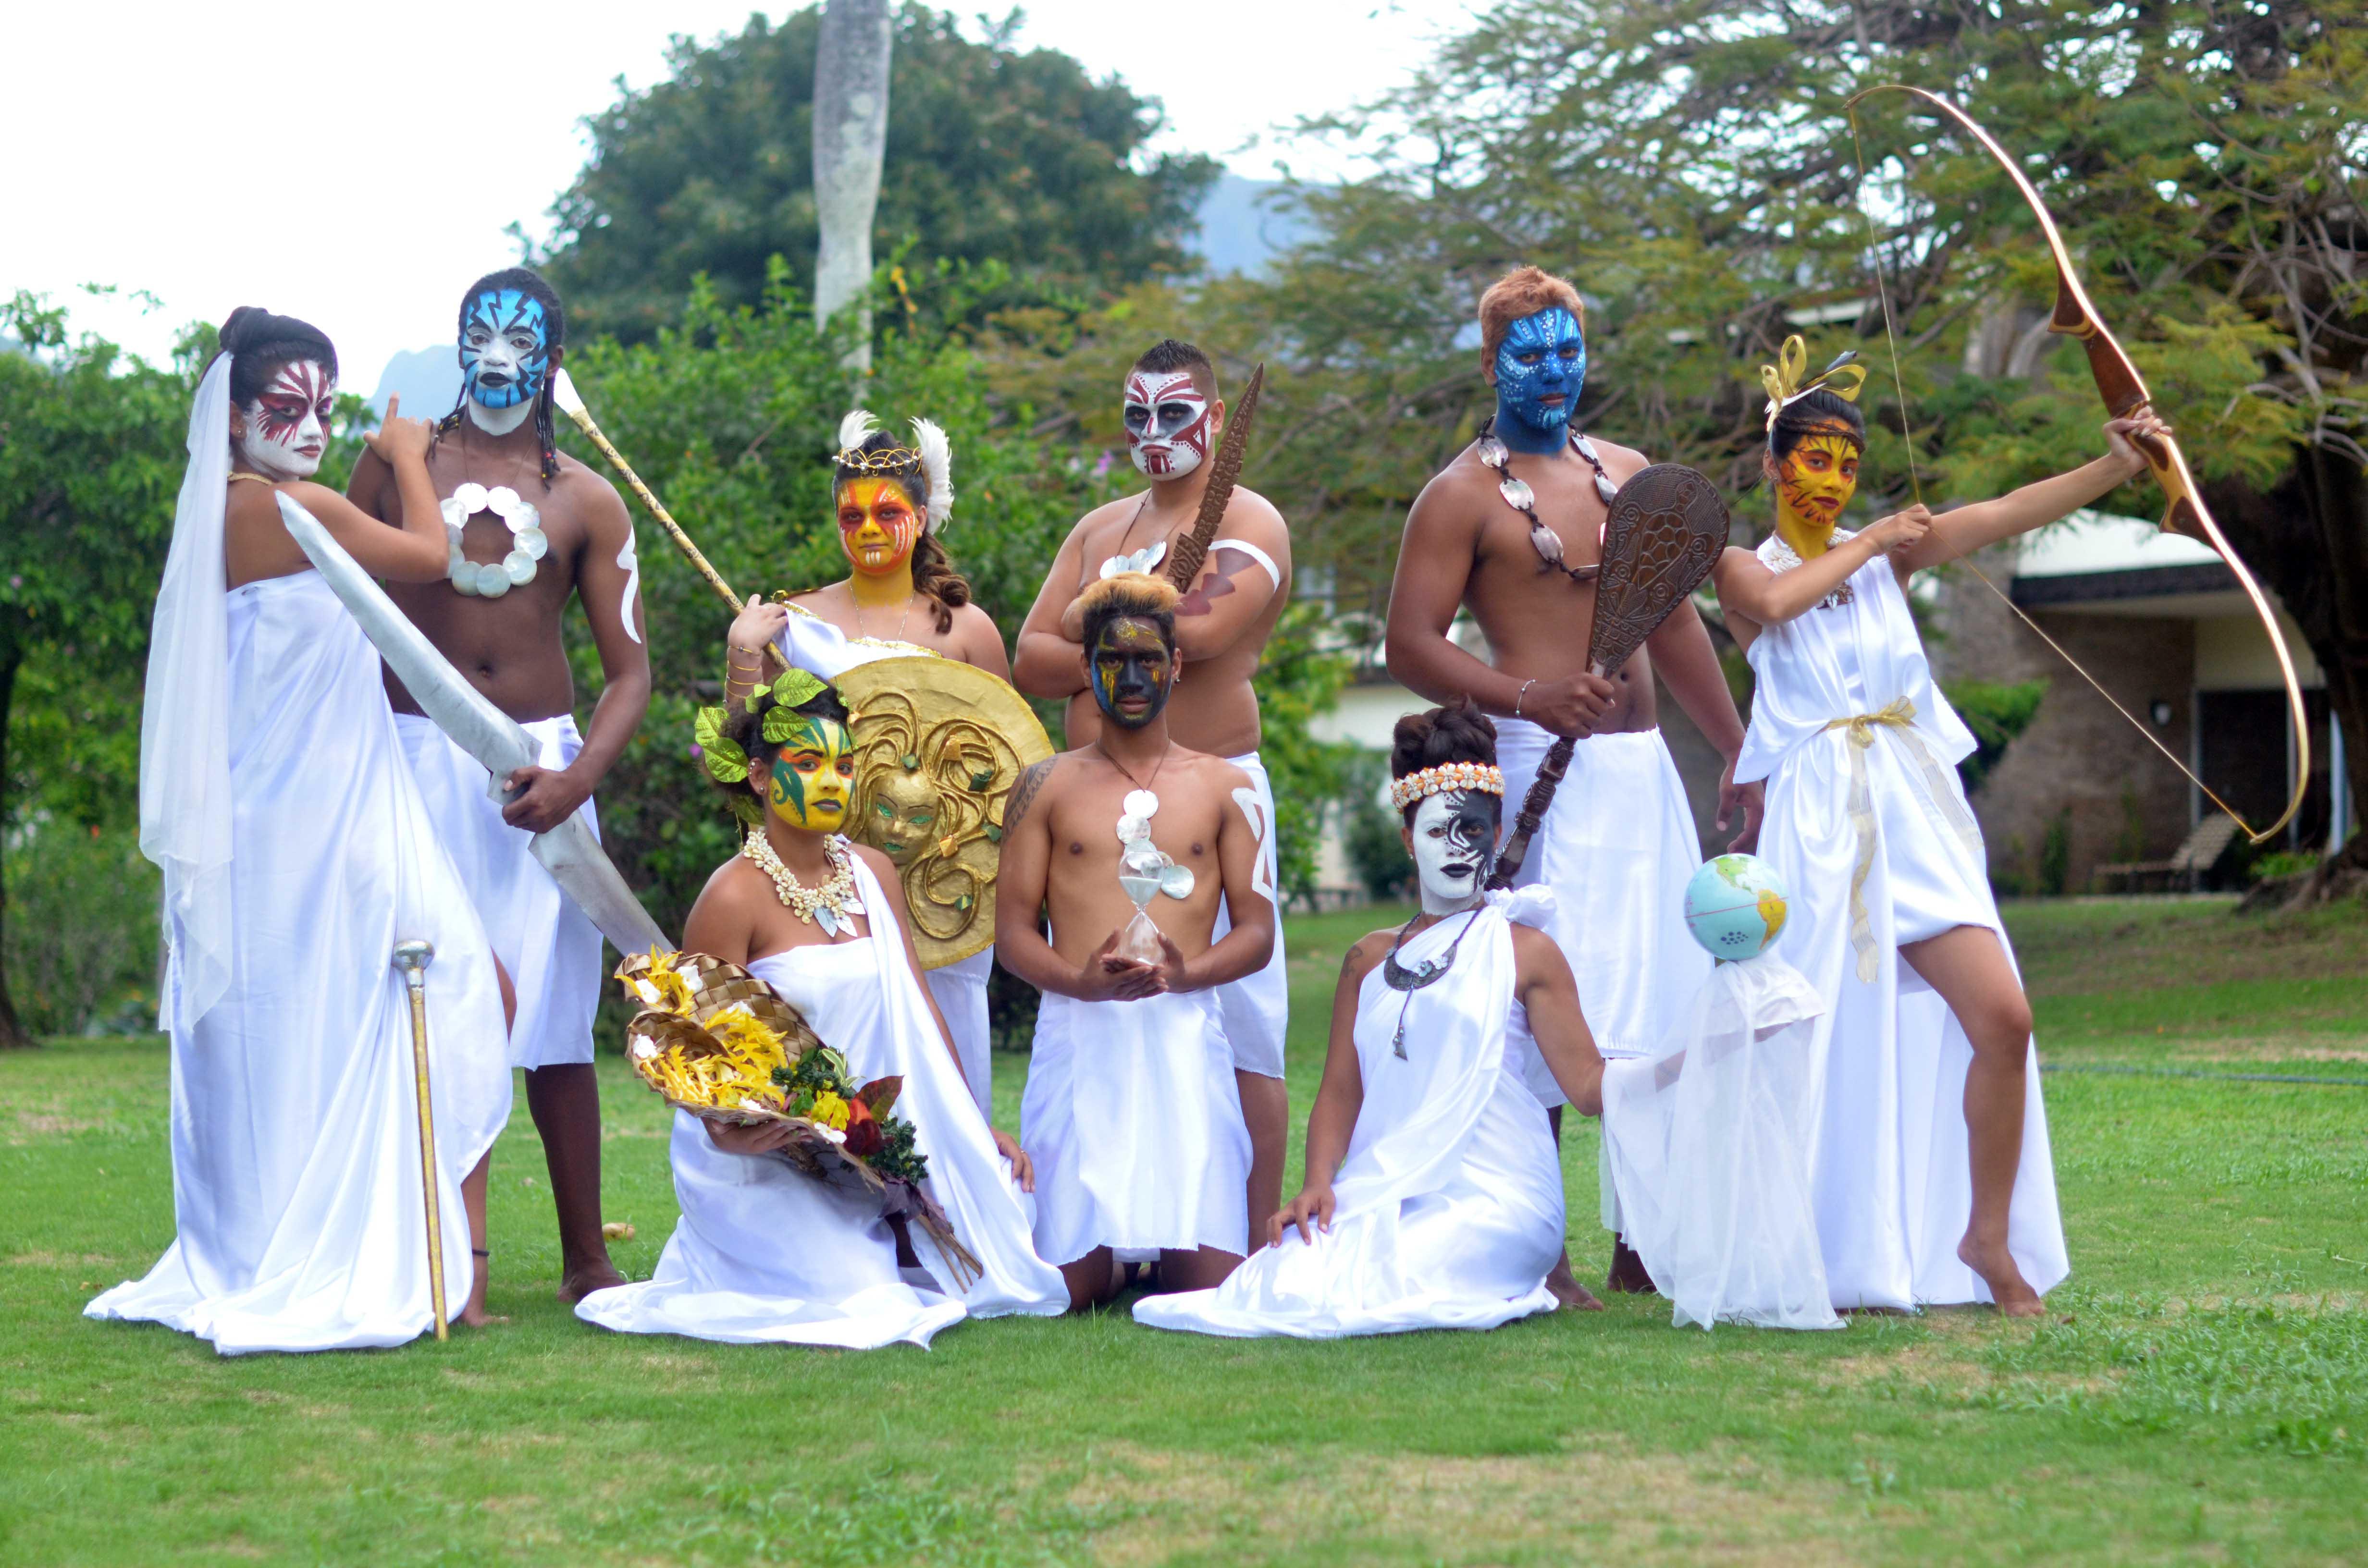 Tepoe, Tamatoa, Yacinthe, Ravahere, Jean, Hinarii, Tuanaki, Mayerline, Rea et Julien représentent les Dieux  de l'Olympe version Pirae.